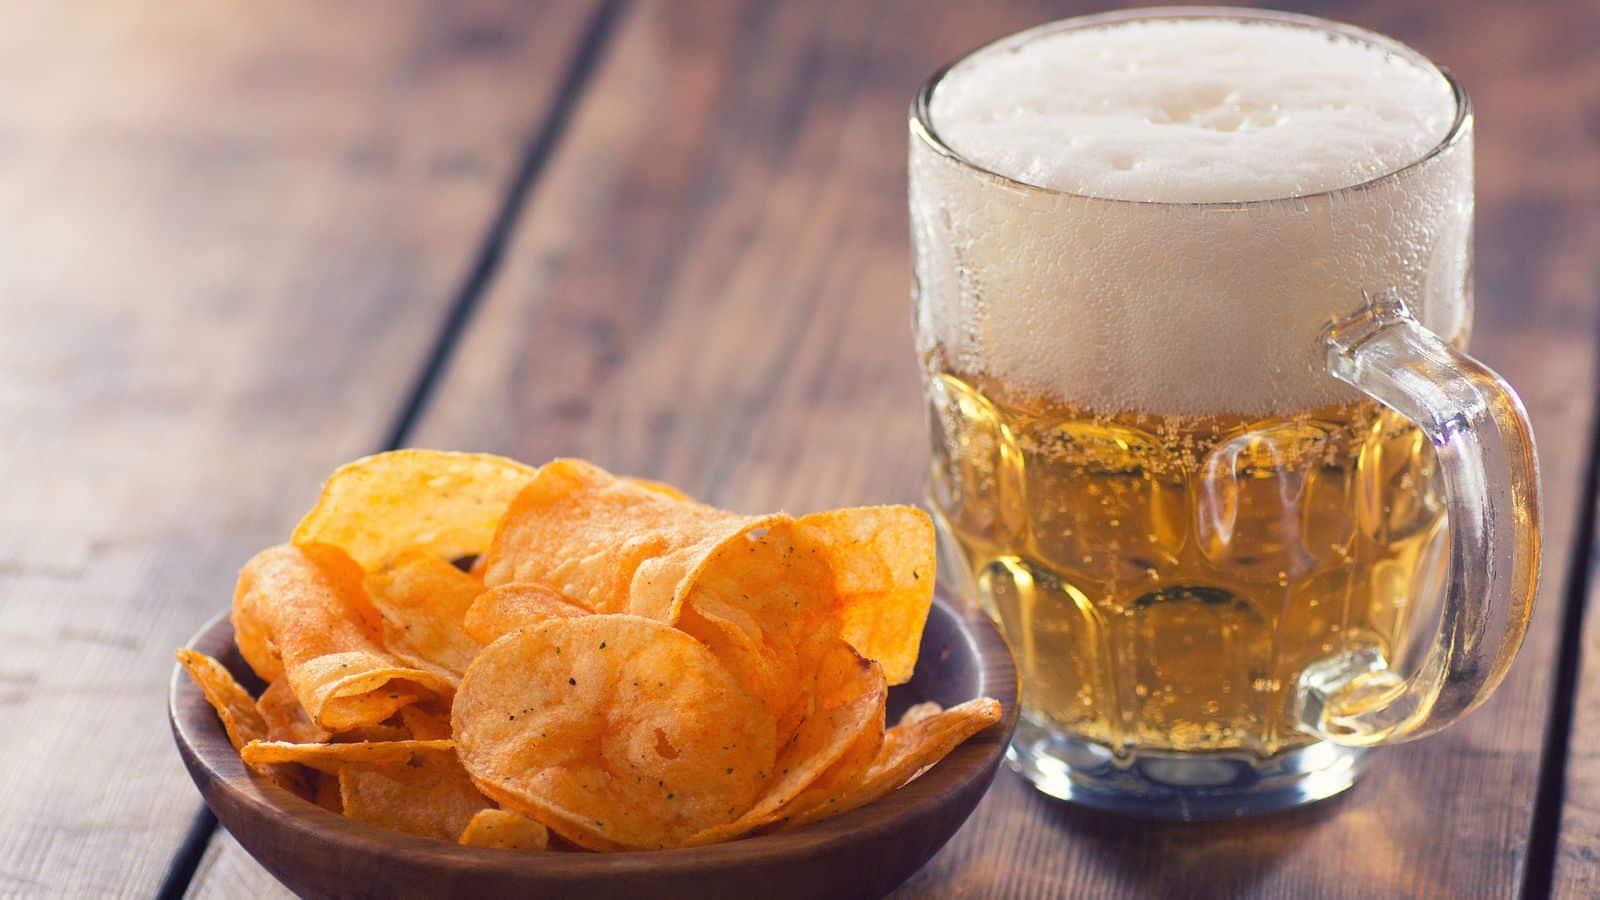 Cerveja e batatas fritas podem ser as armas ideais contra as mudanças climáticas